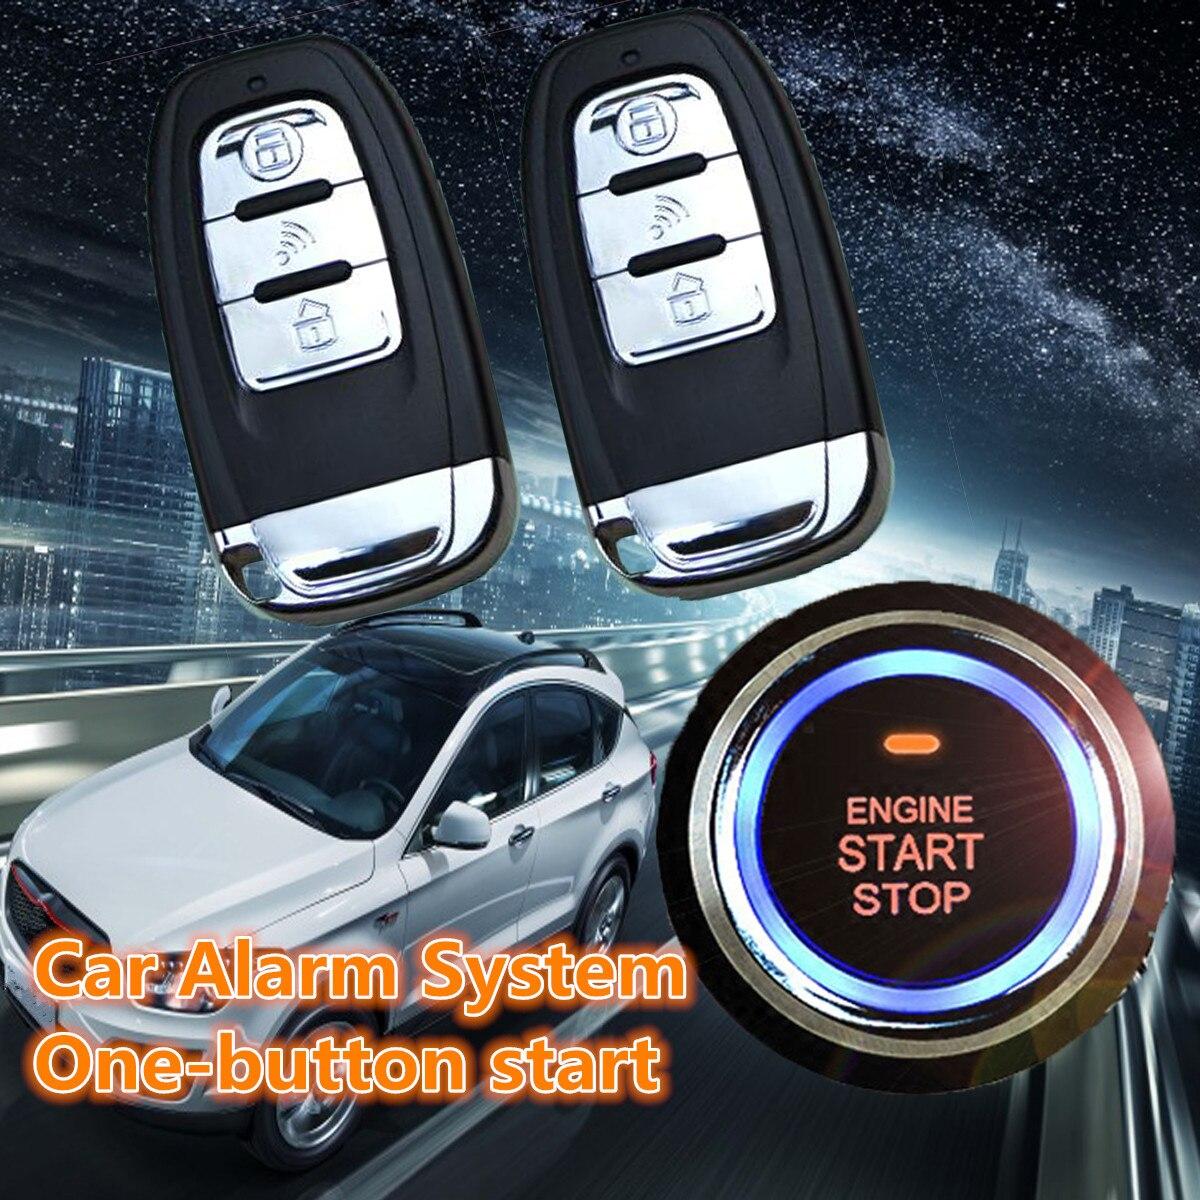 Автомобильные аксессуары автомобиль внедорожник Автозапуск система сигнализации запуска двигателя кнопочная кнопка дистанционного стар...